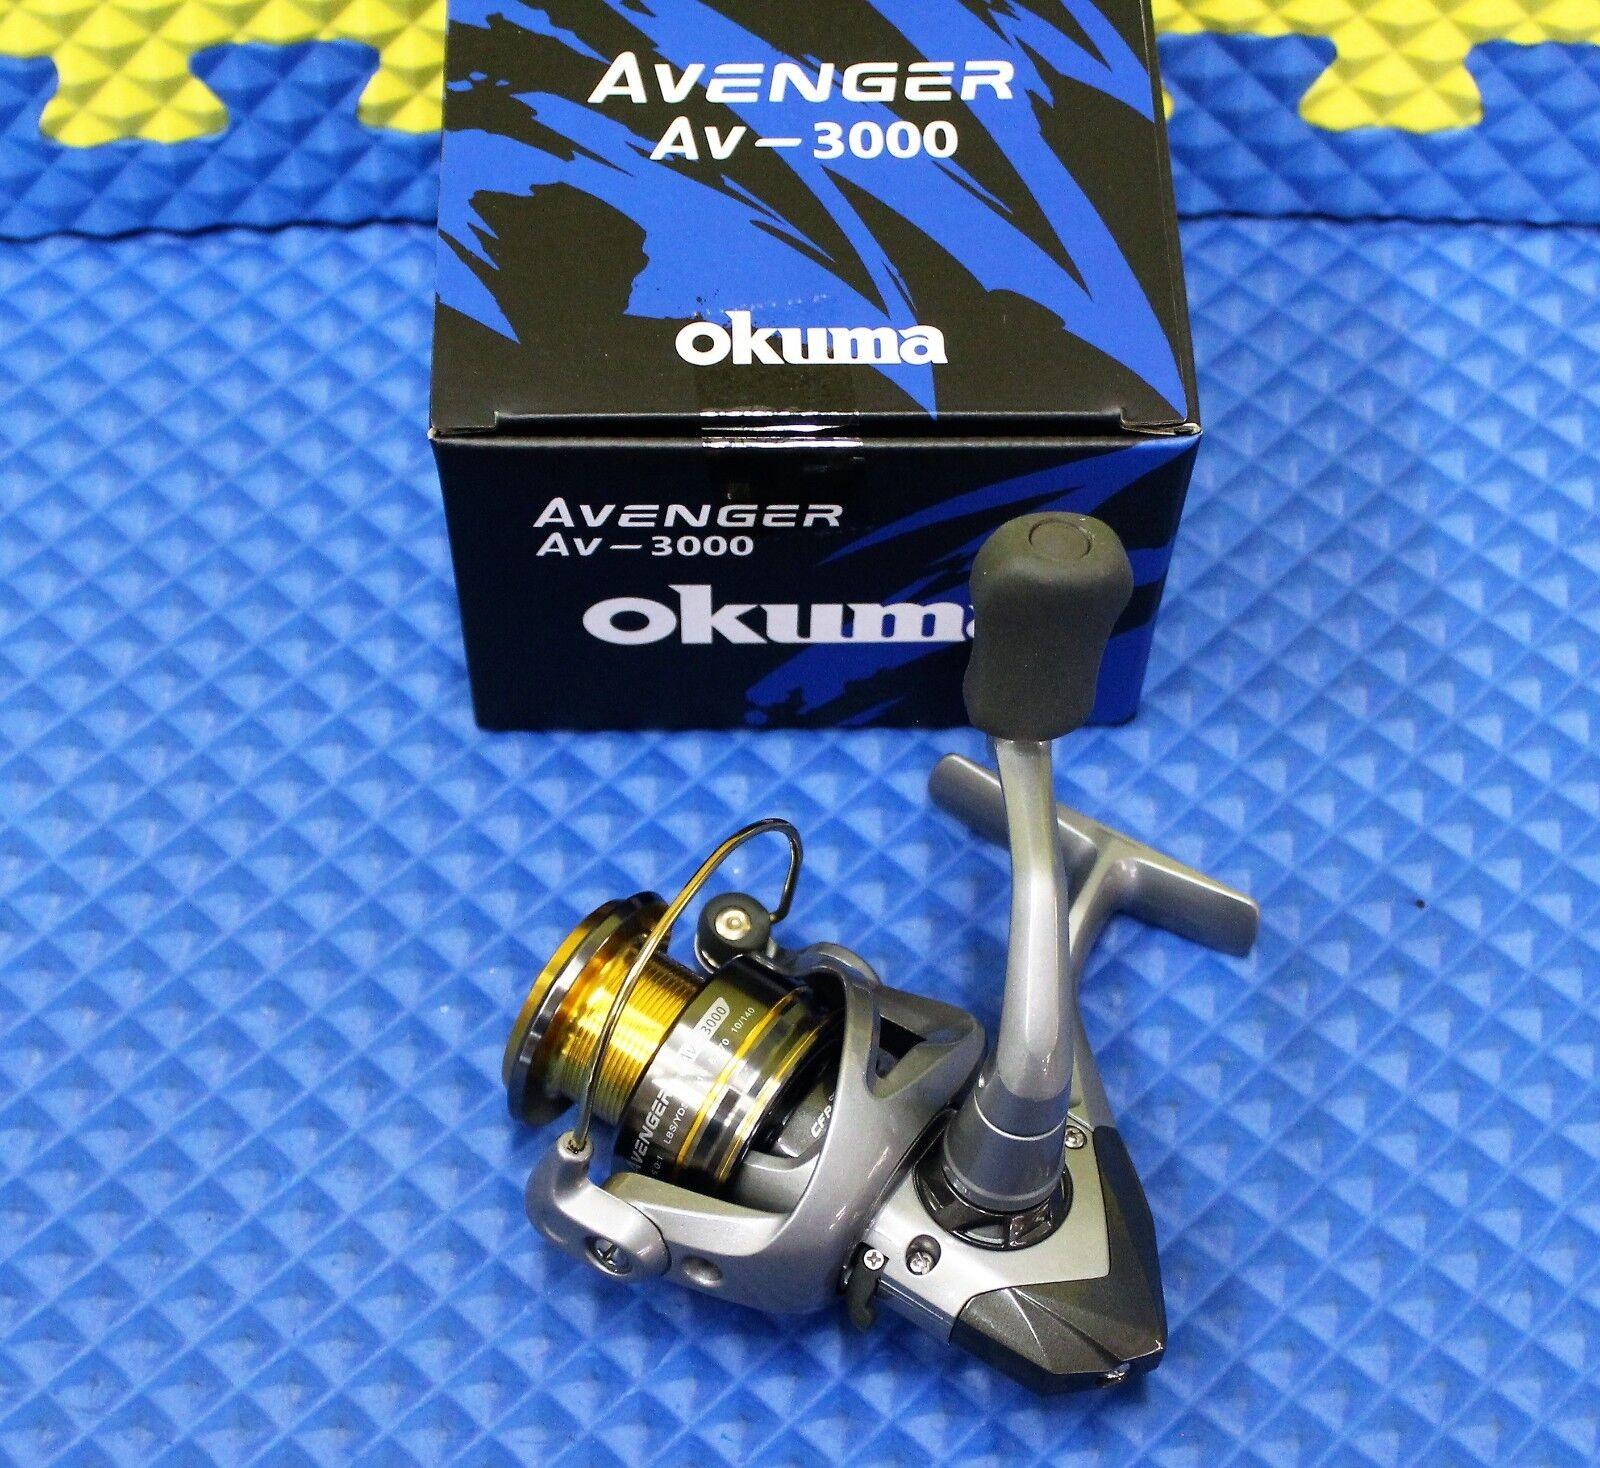 Okuma Avenger AV-3000 Spinning Reel NEW FOR 2019 AV-3000